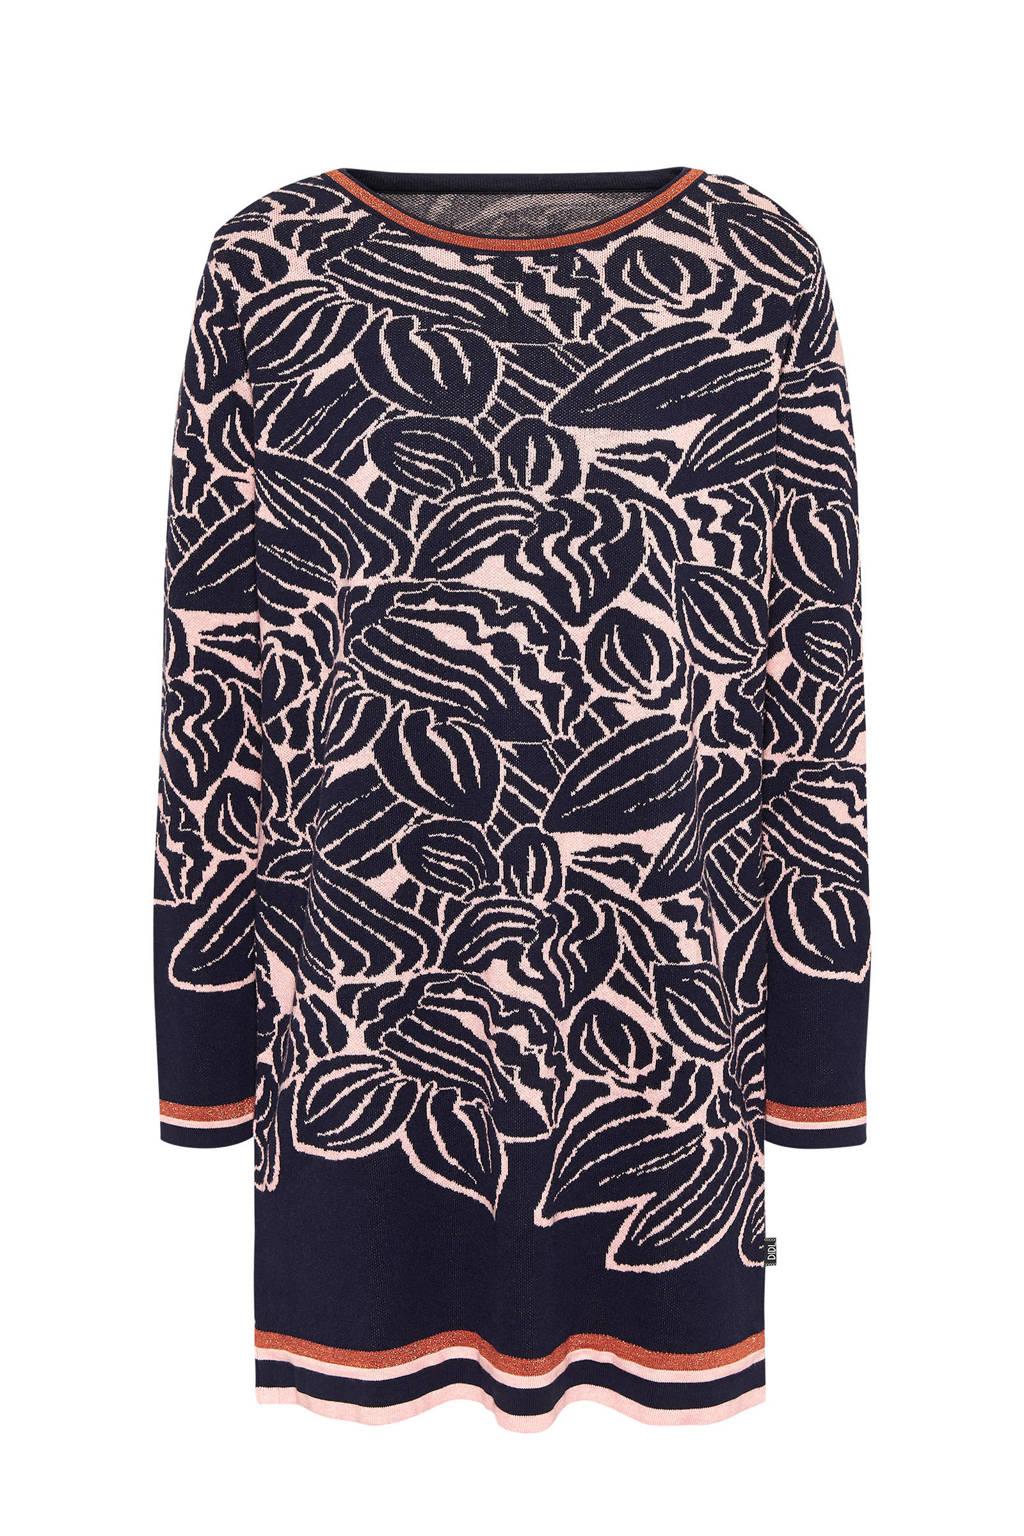 Didi jurk met ingebreid patroon, Donkerblauw